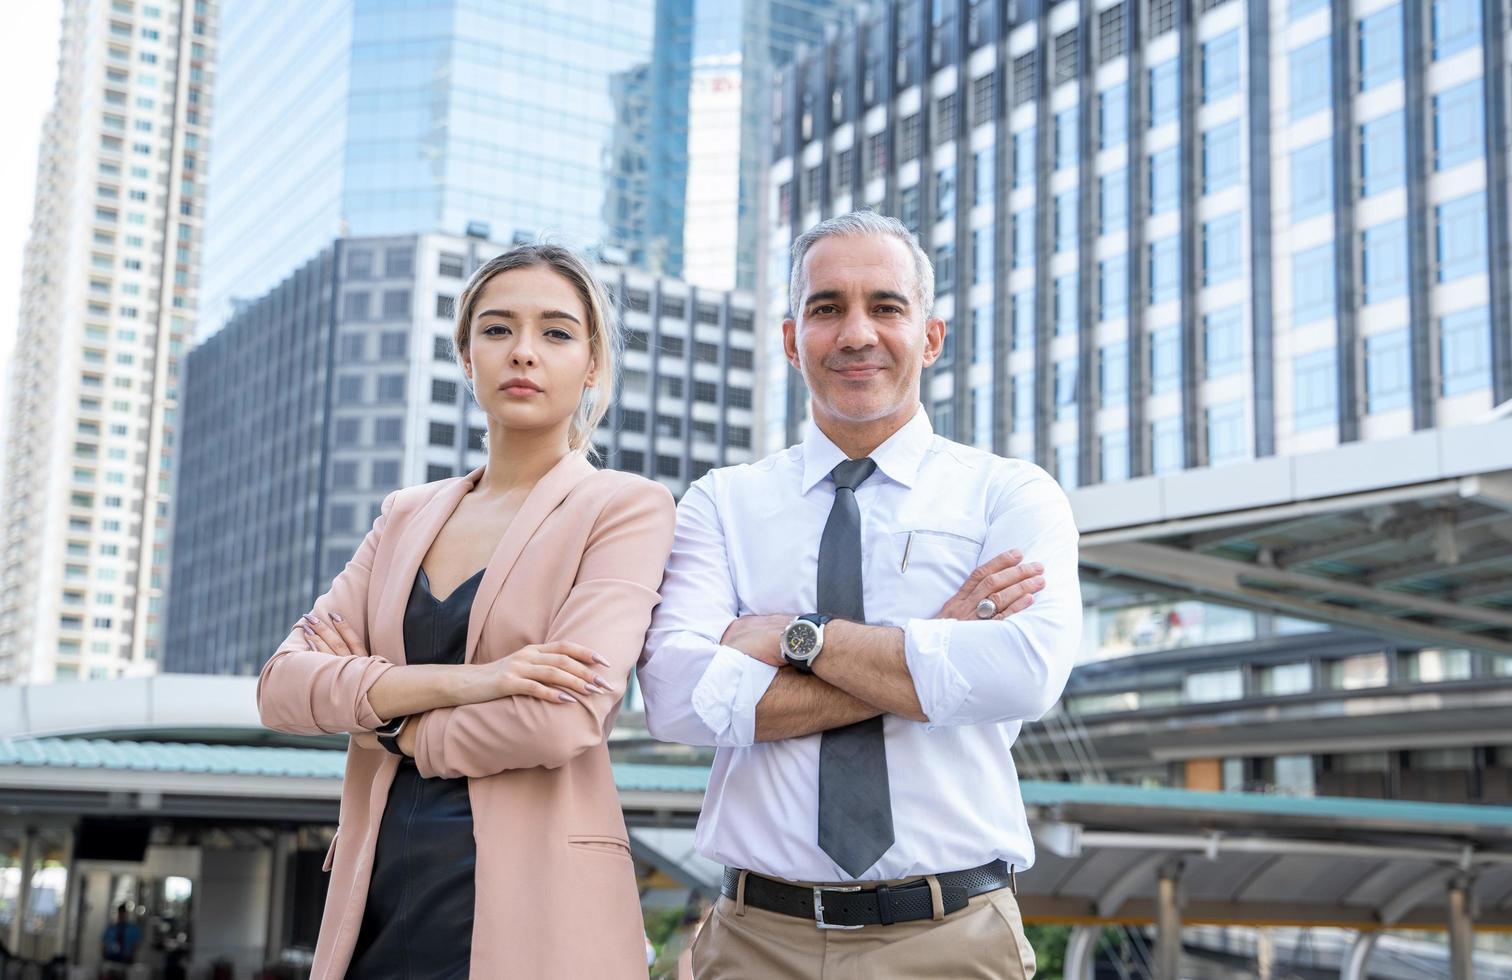 uomo e donna con edifici per uffici foto